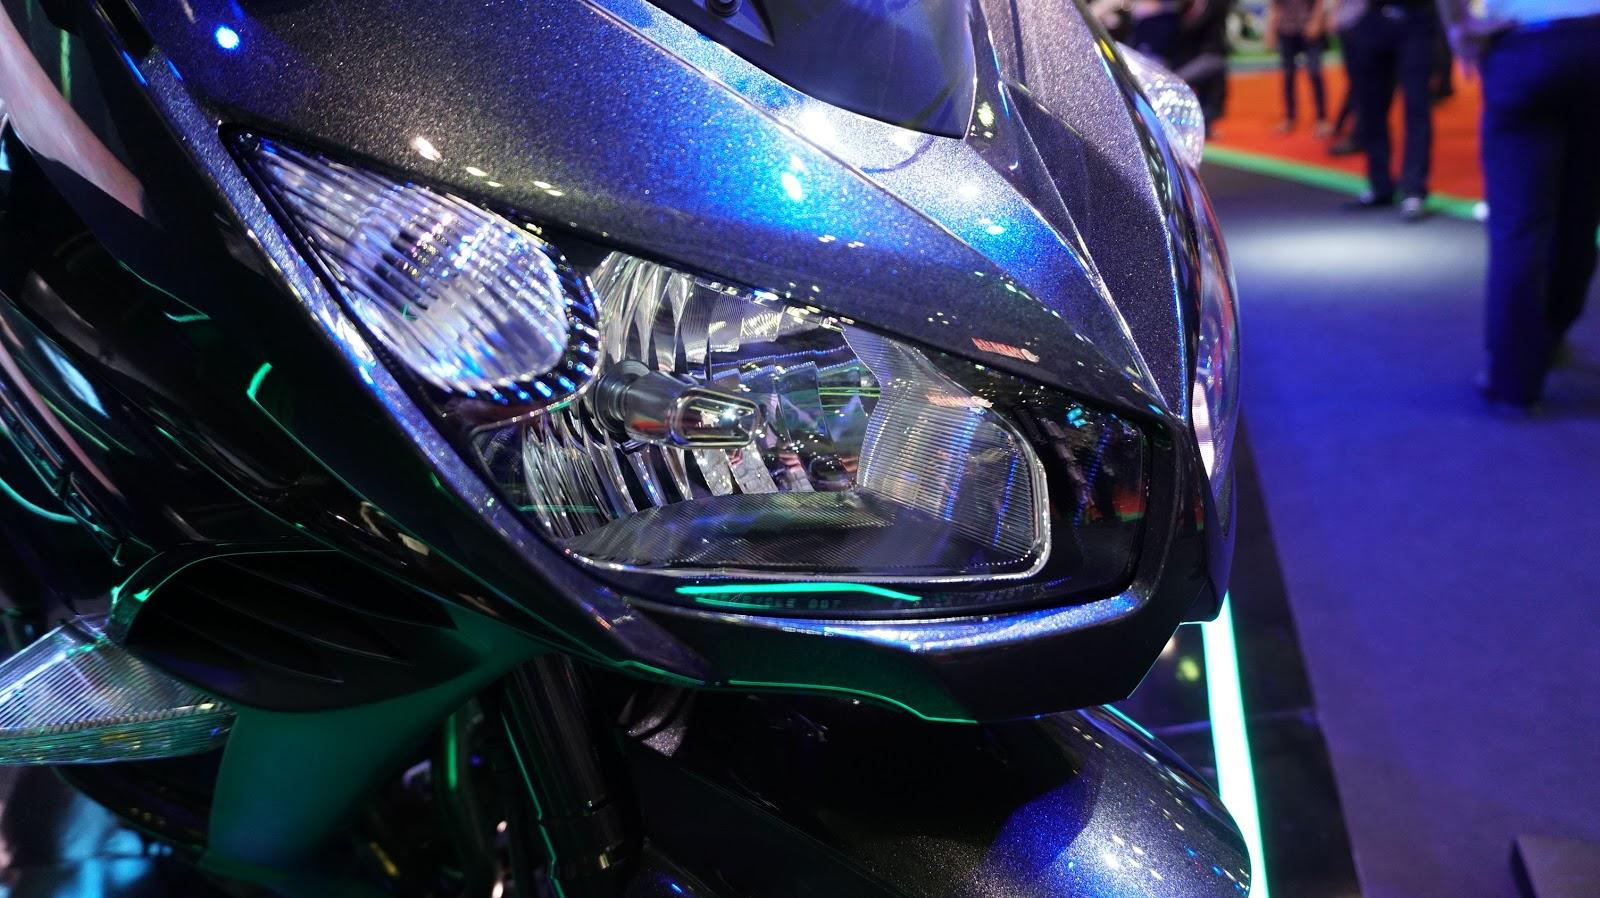 Cận cảnh siêu xe Kawasaki 1000 ABS tại VMS 2016